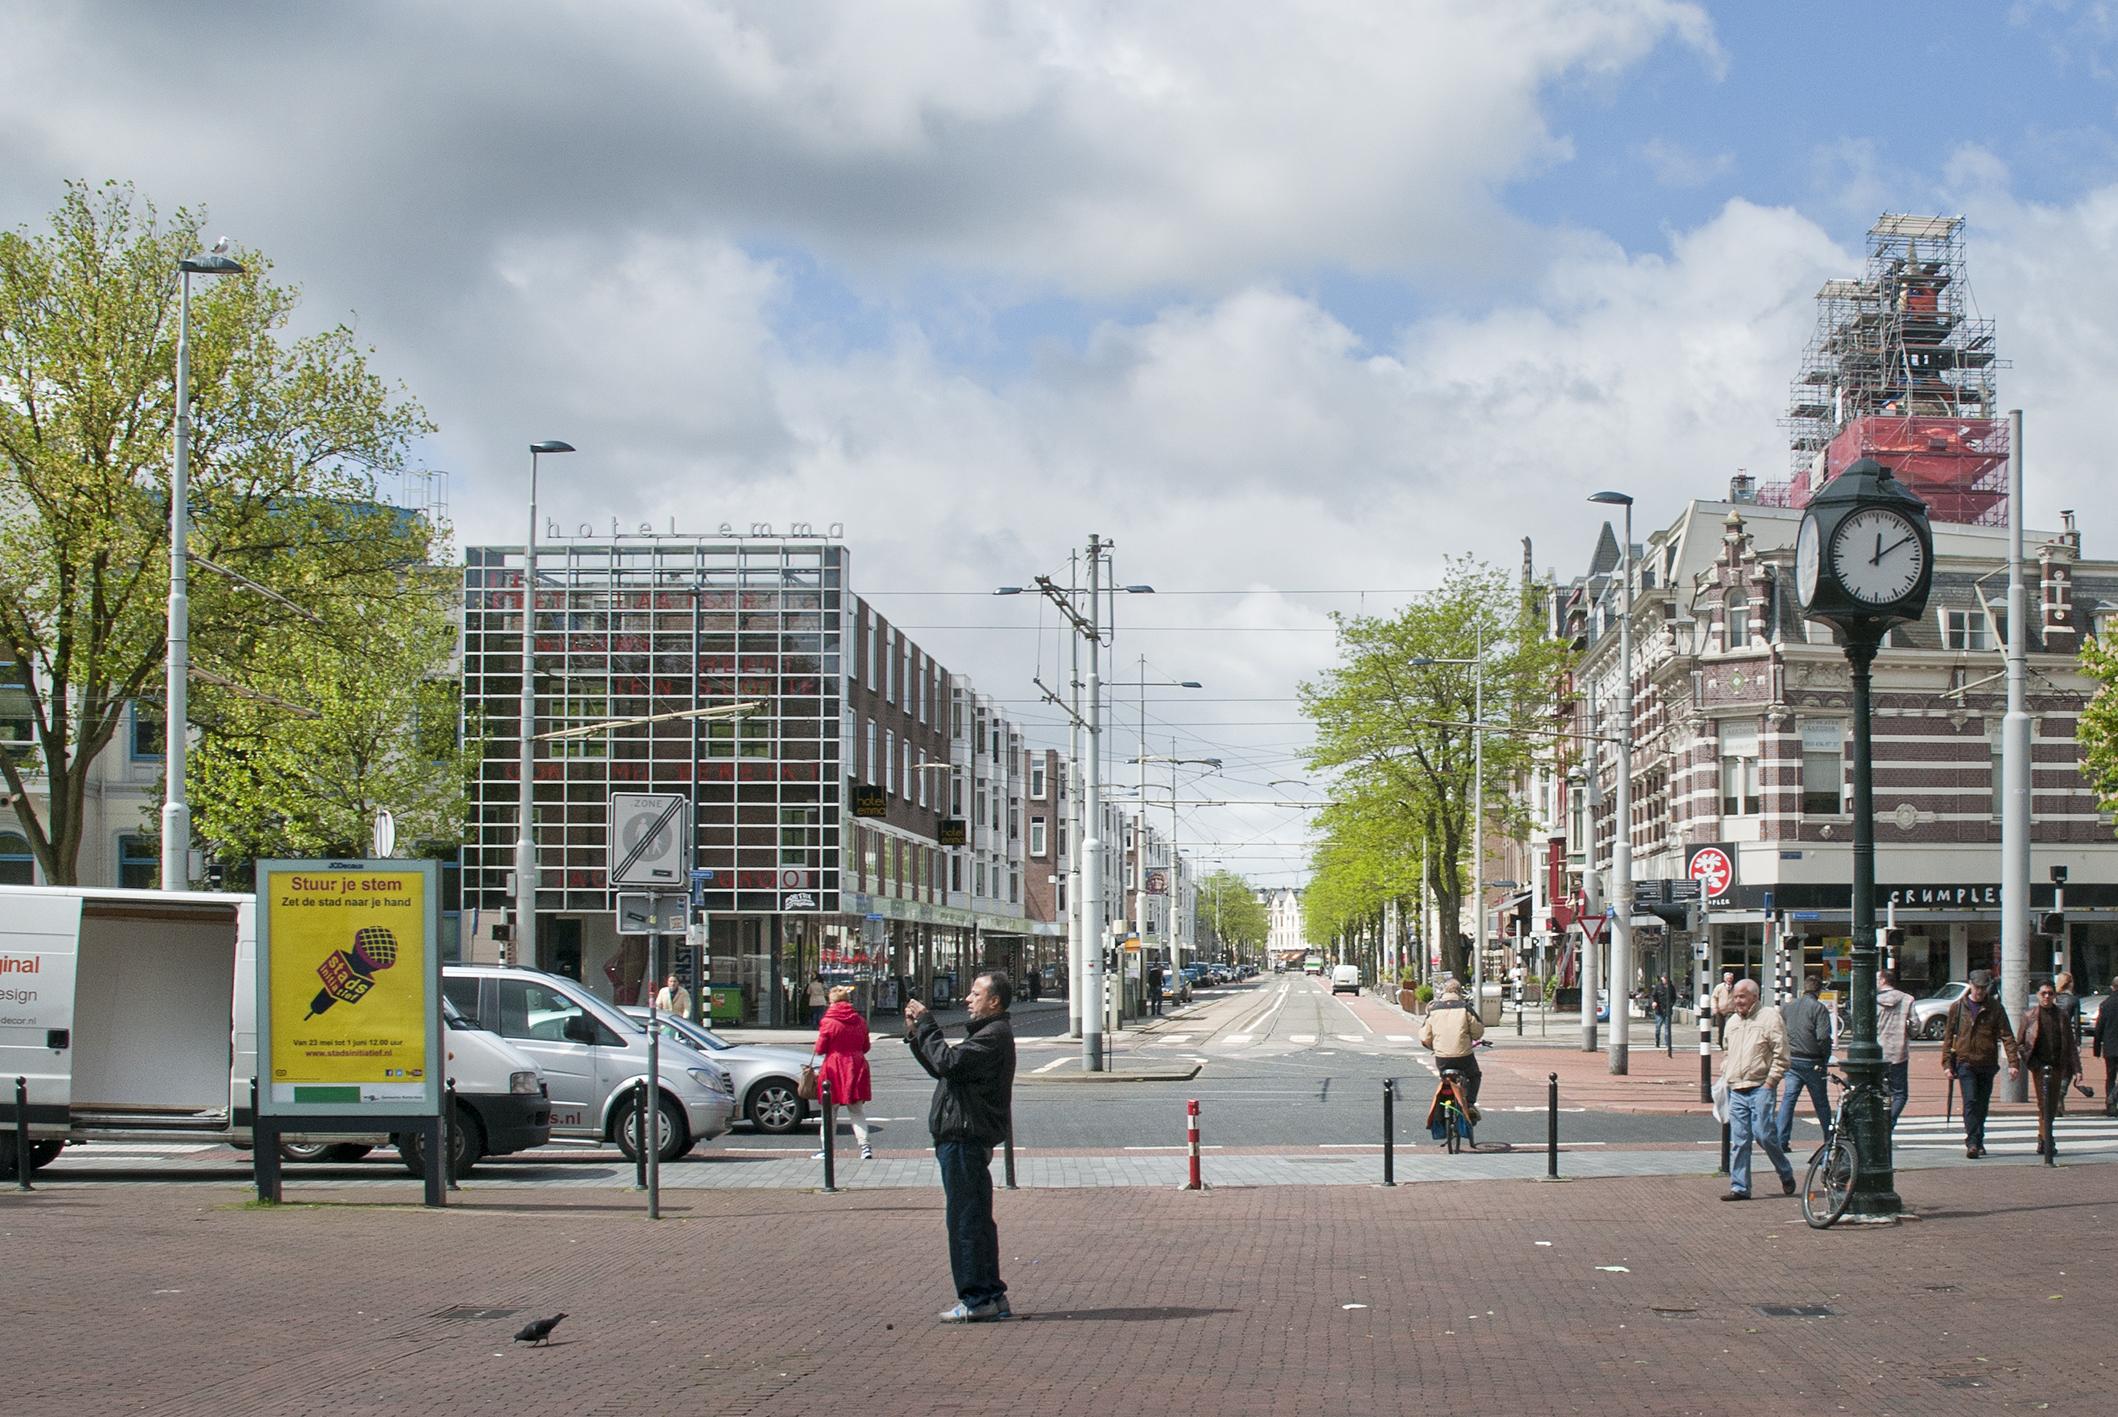 Binnenweg, officiële straatnaam van de gemeente Rotterdam bij beslissing van B&W sinds 13 maart 1888. Het predicaat 'oude' werd toegevoegd op 14 januari 1977.